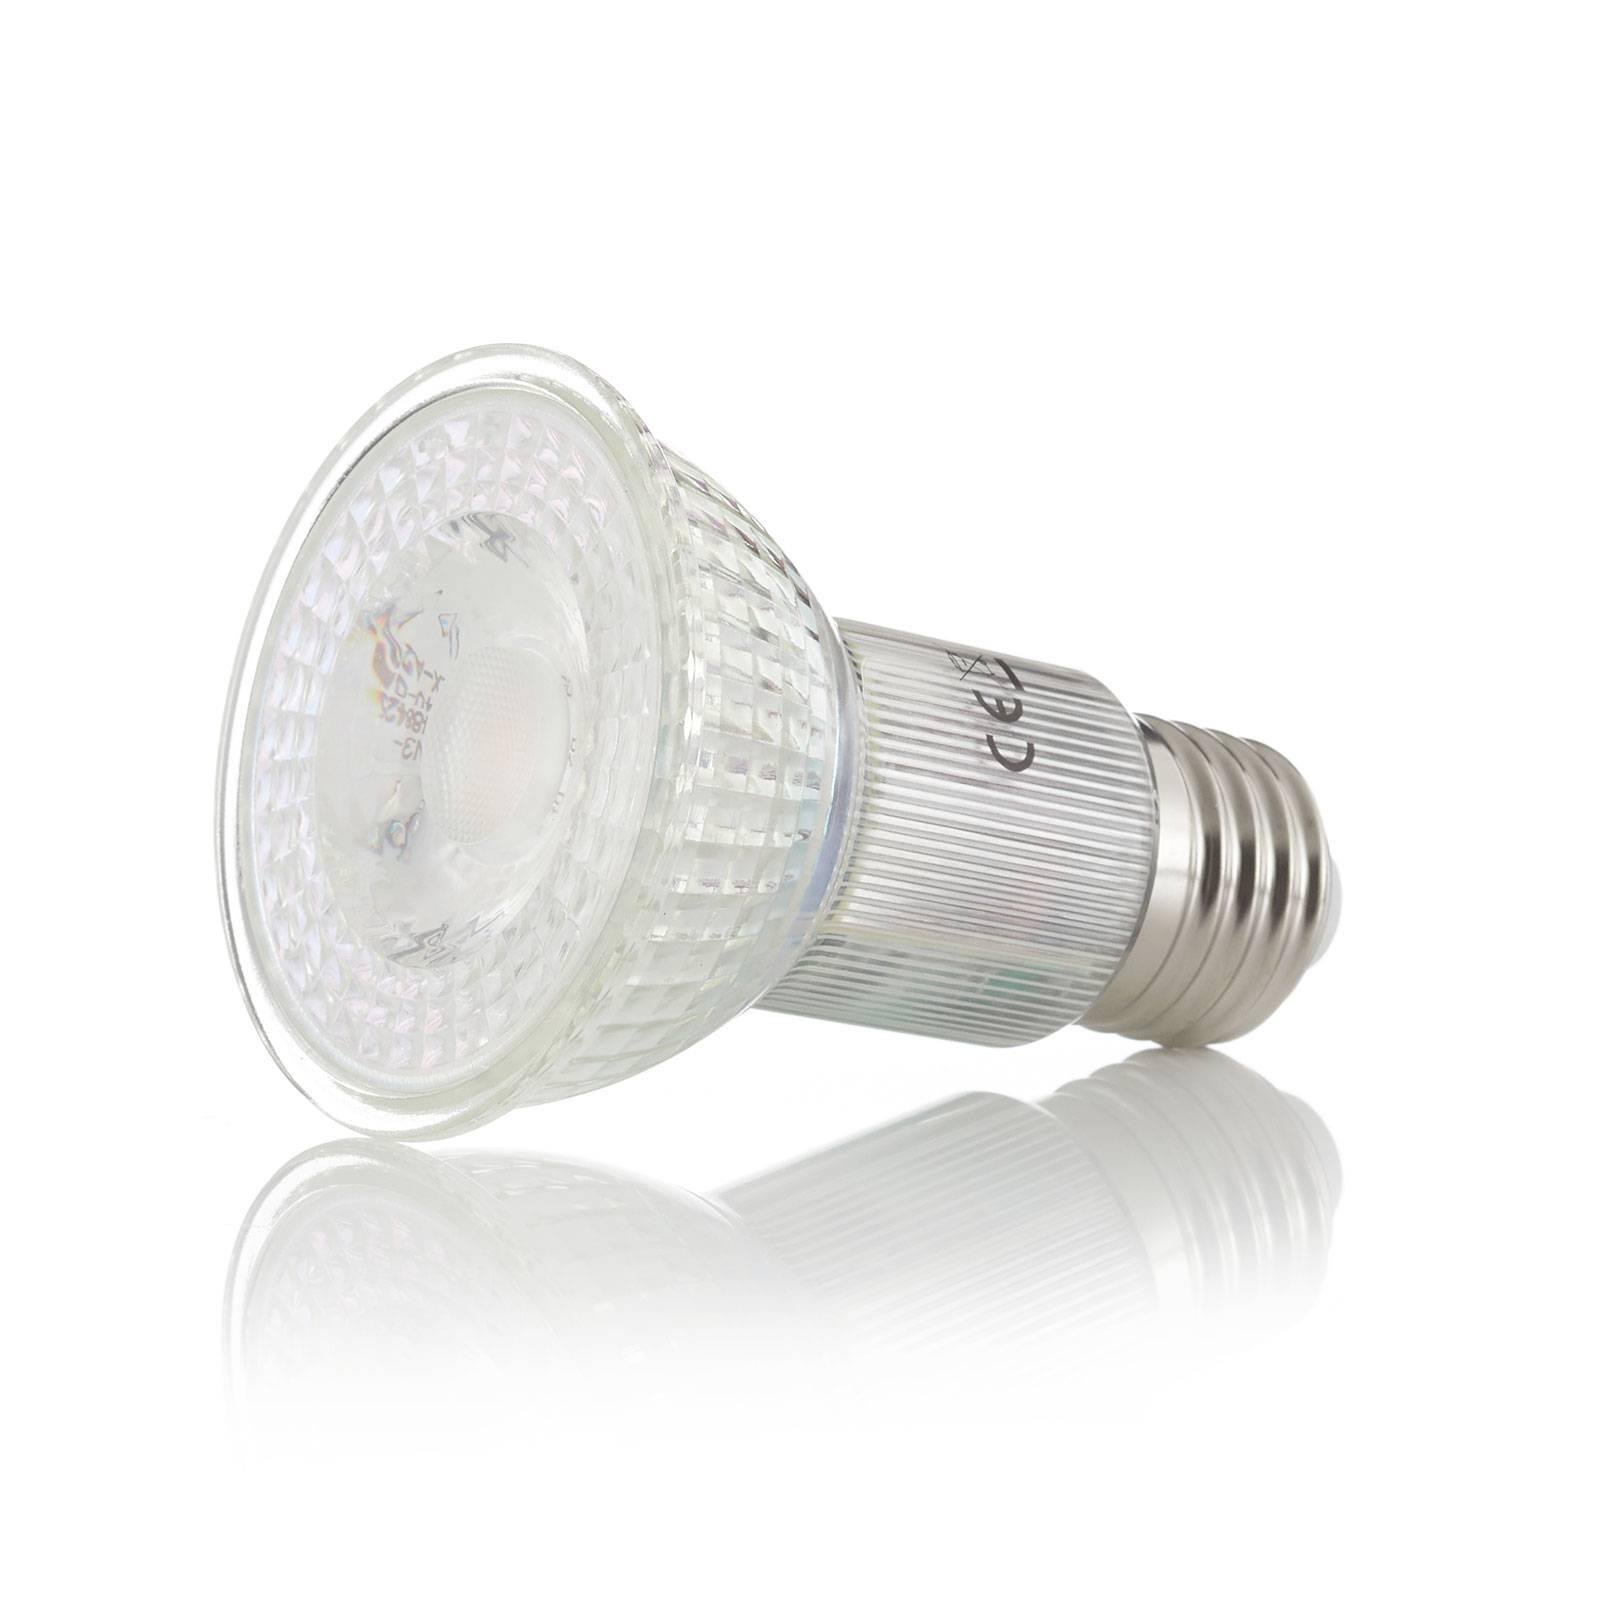 Lampa sufitowa LED Bizzo, szkło przezroczyste